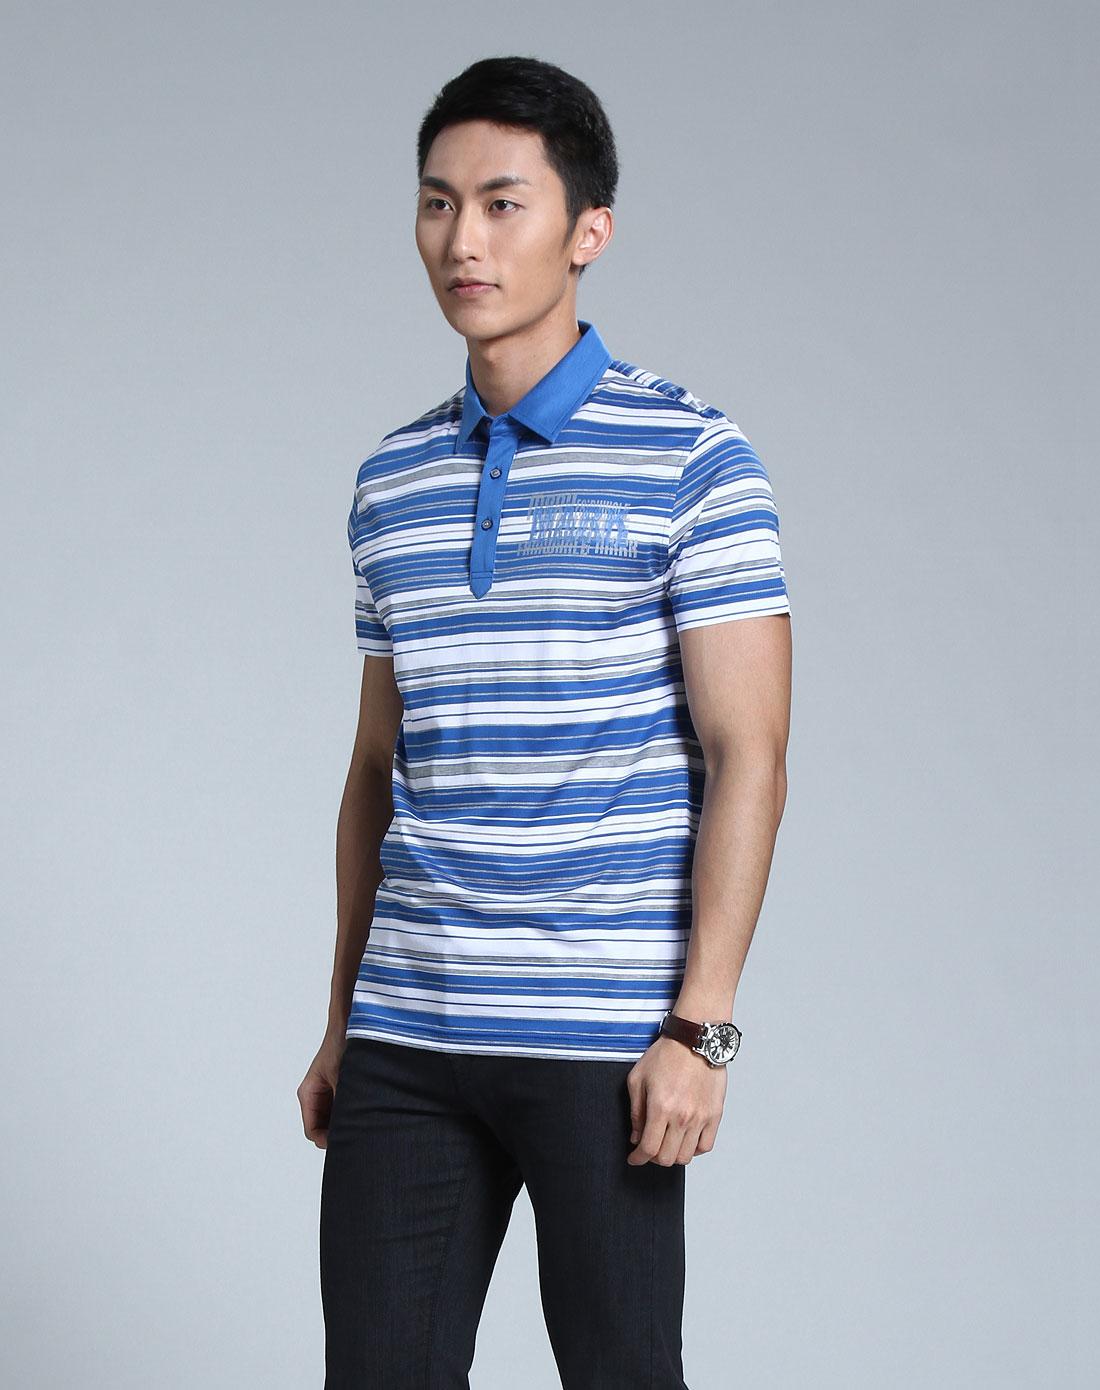 蓝白色条纹时尚短袖t恤